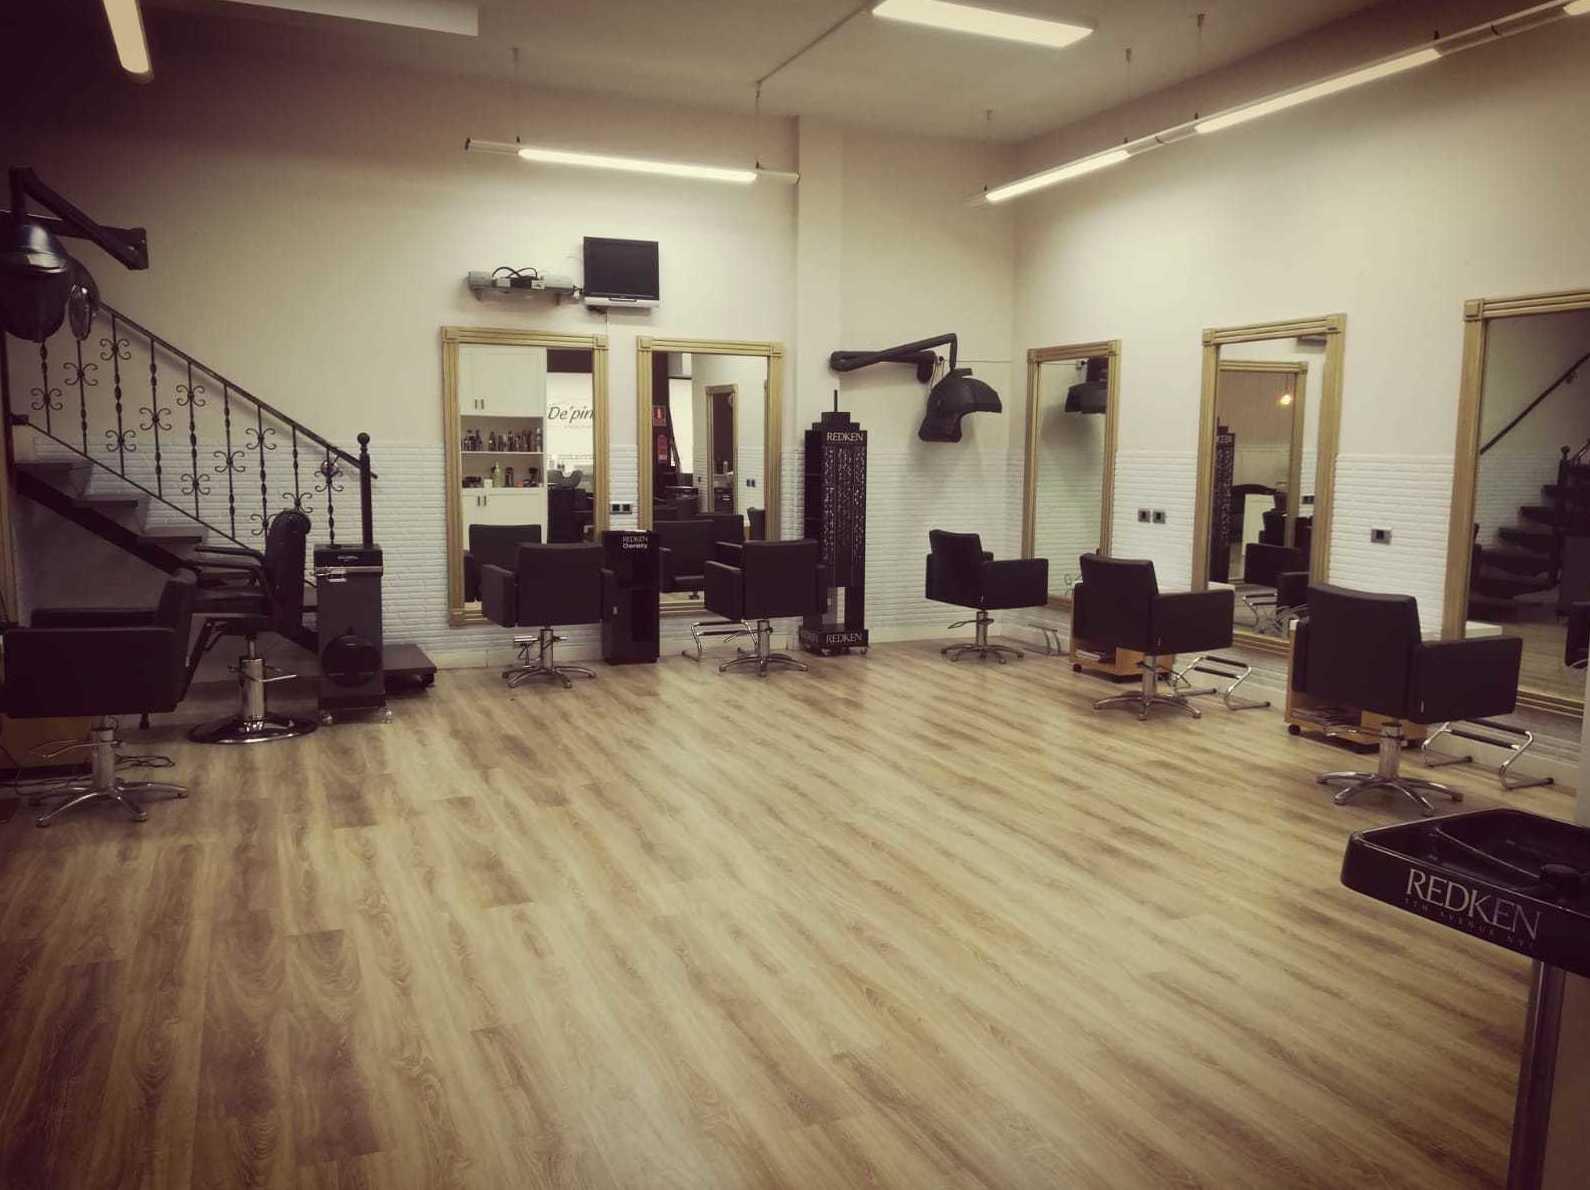 Foto 13 de Salón de belleza, peluquería y estética en Arucas | De´Pinie Peluquería